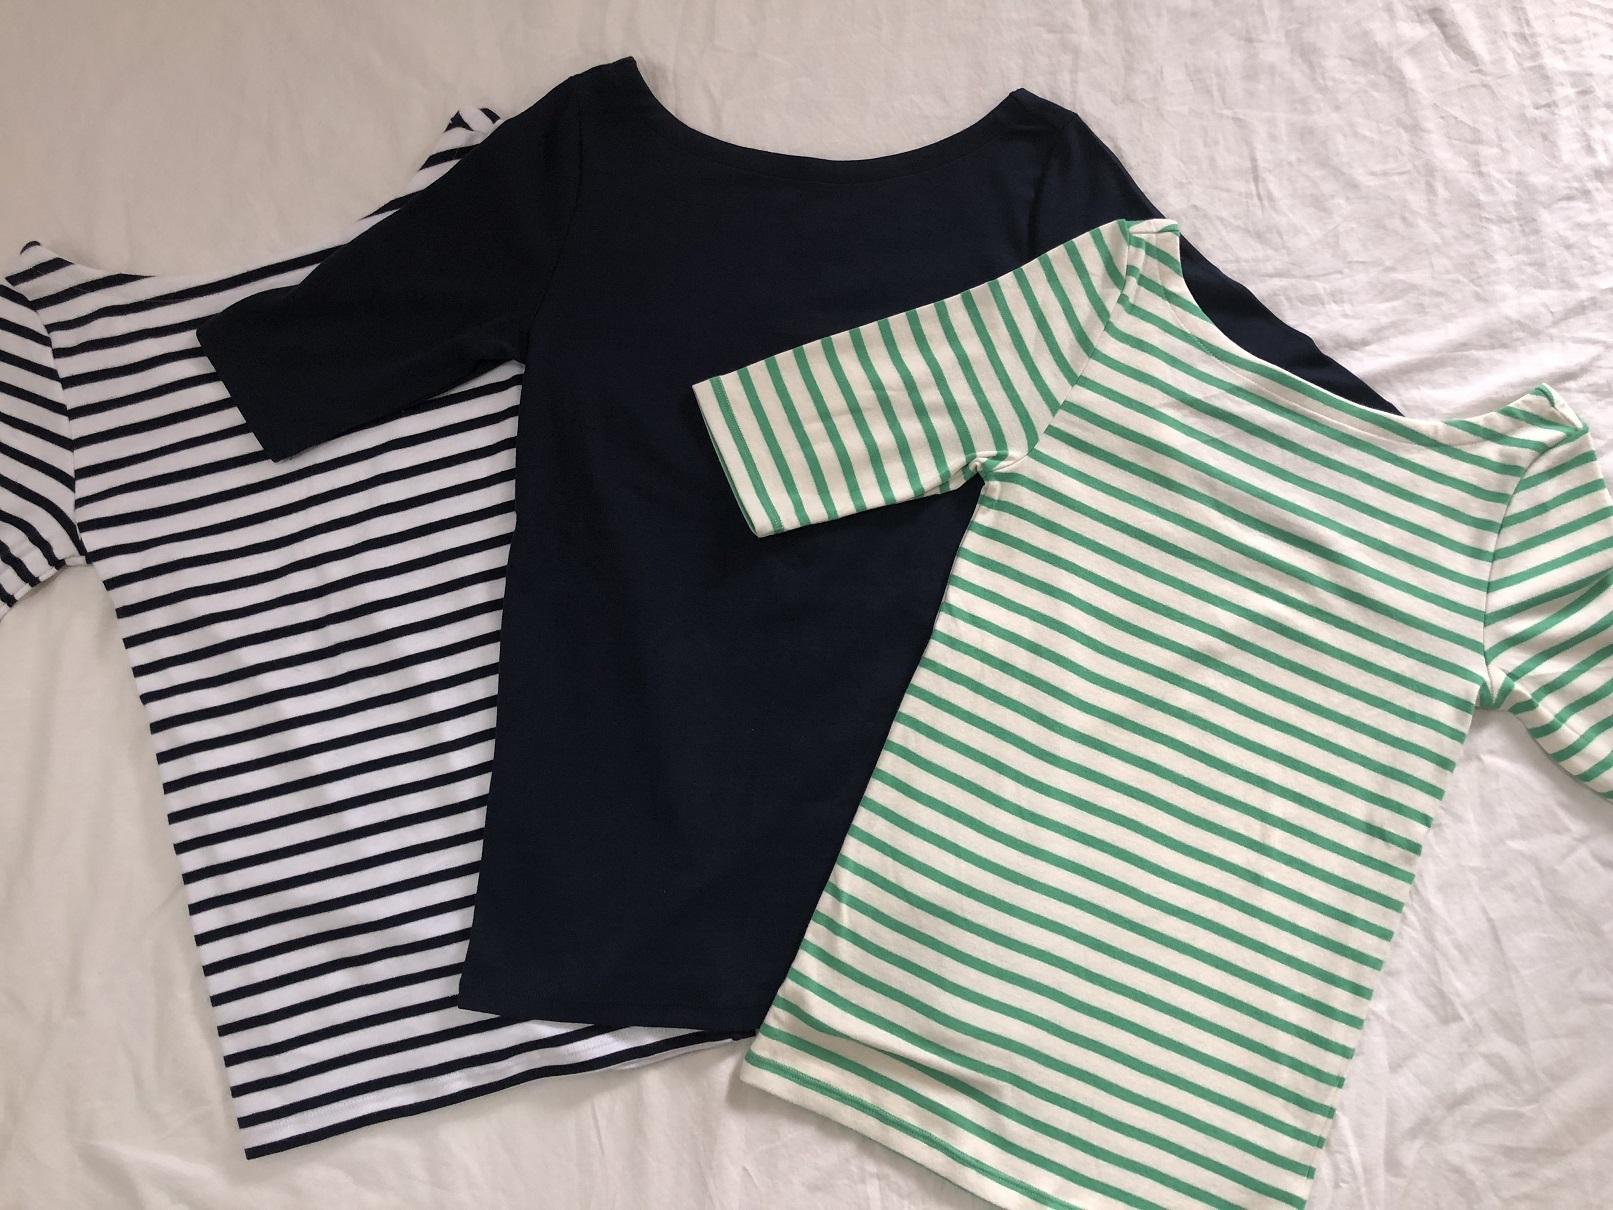 Gapでみつけたシンプルだけど、女っぷりUPなTシャツ_1_3